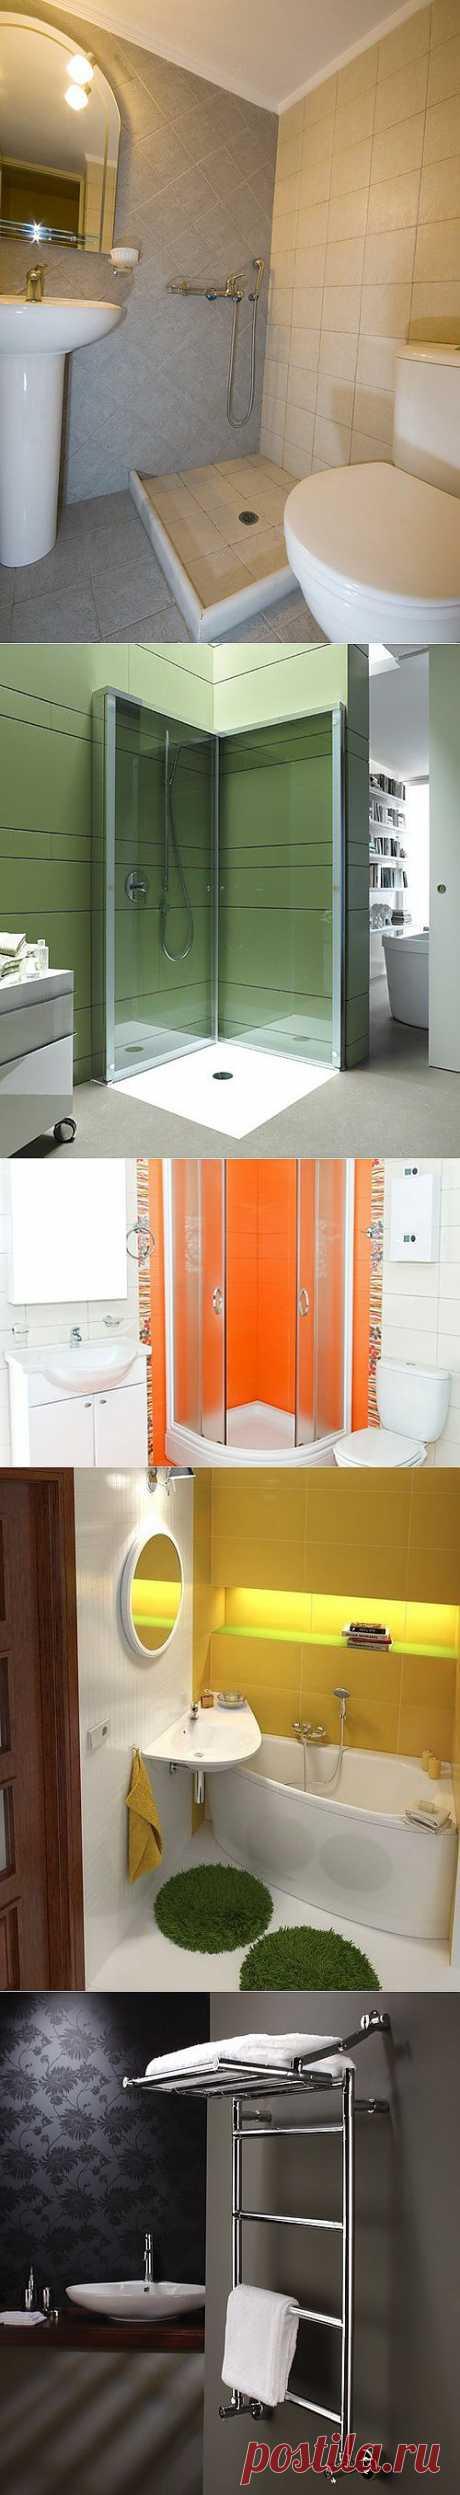 Как сделать комфортной маленькую ванную комнату | Твой Ремонт!!!